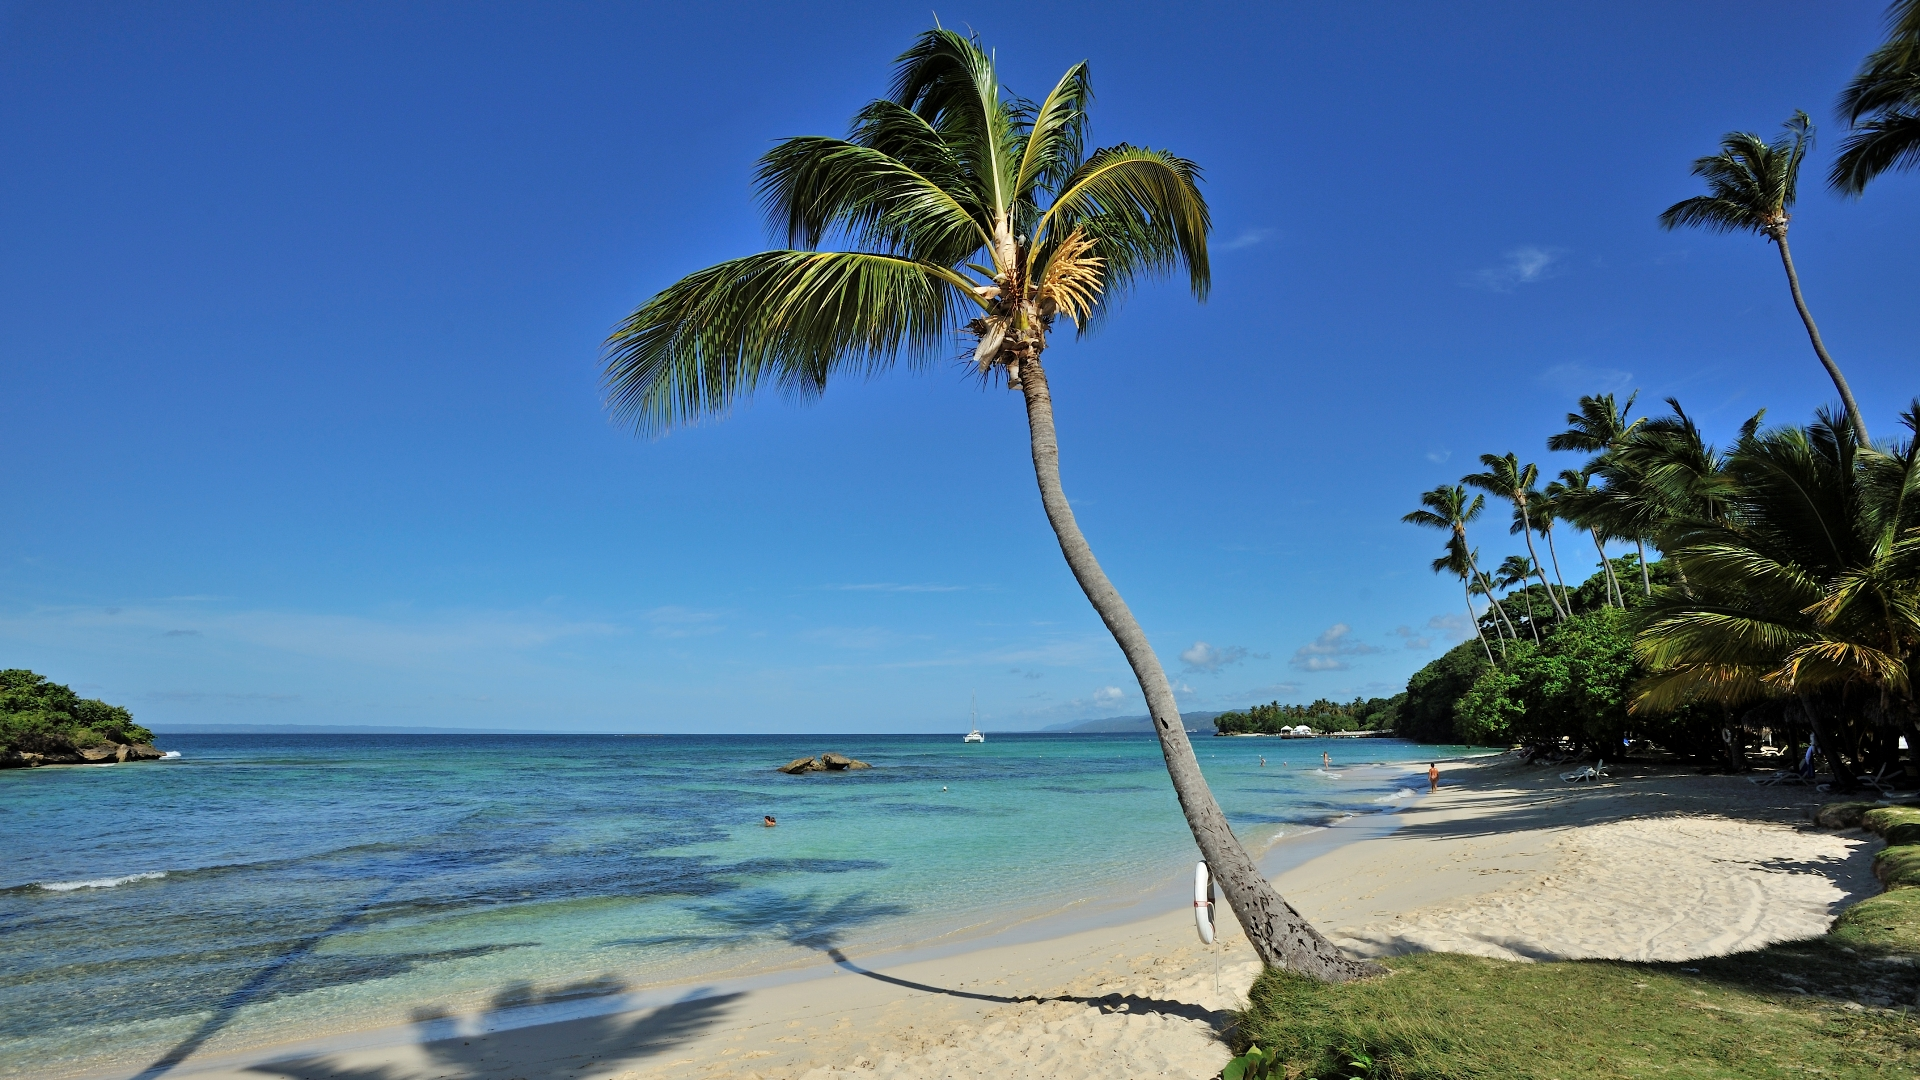 Ein perfekter Sonnenuntergang in der Dominikanischen Republik